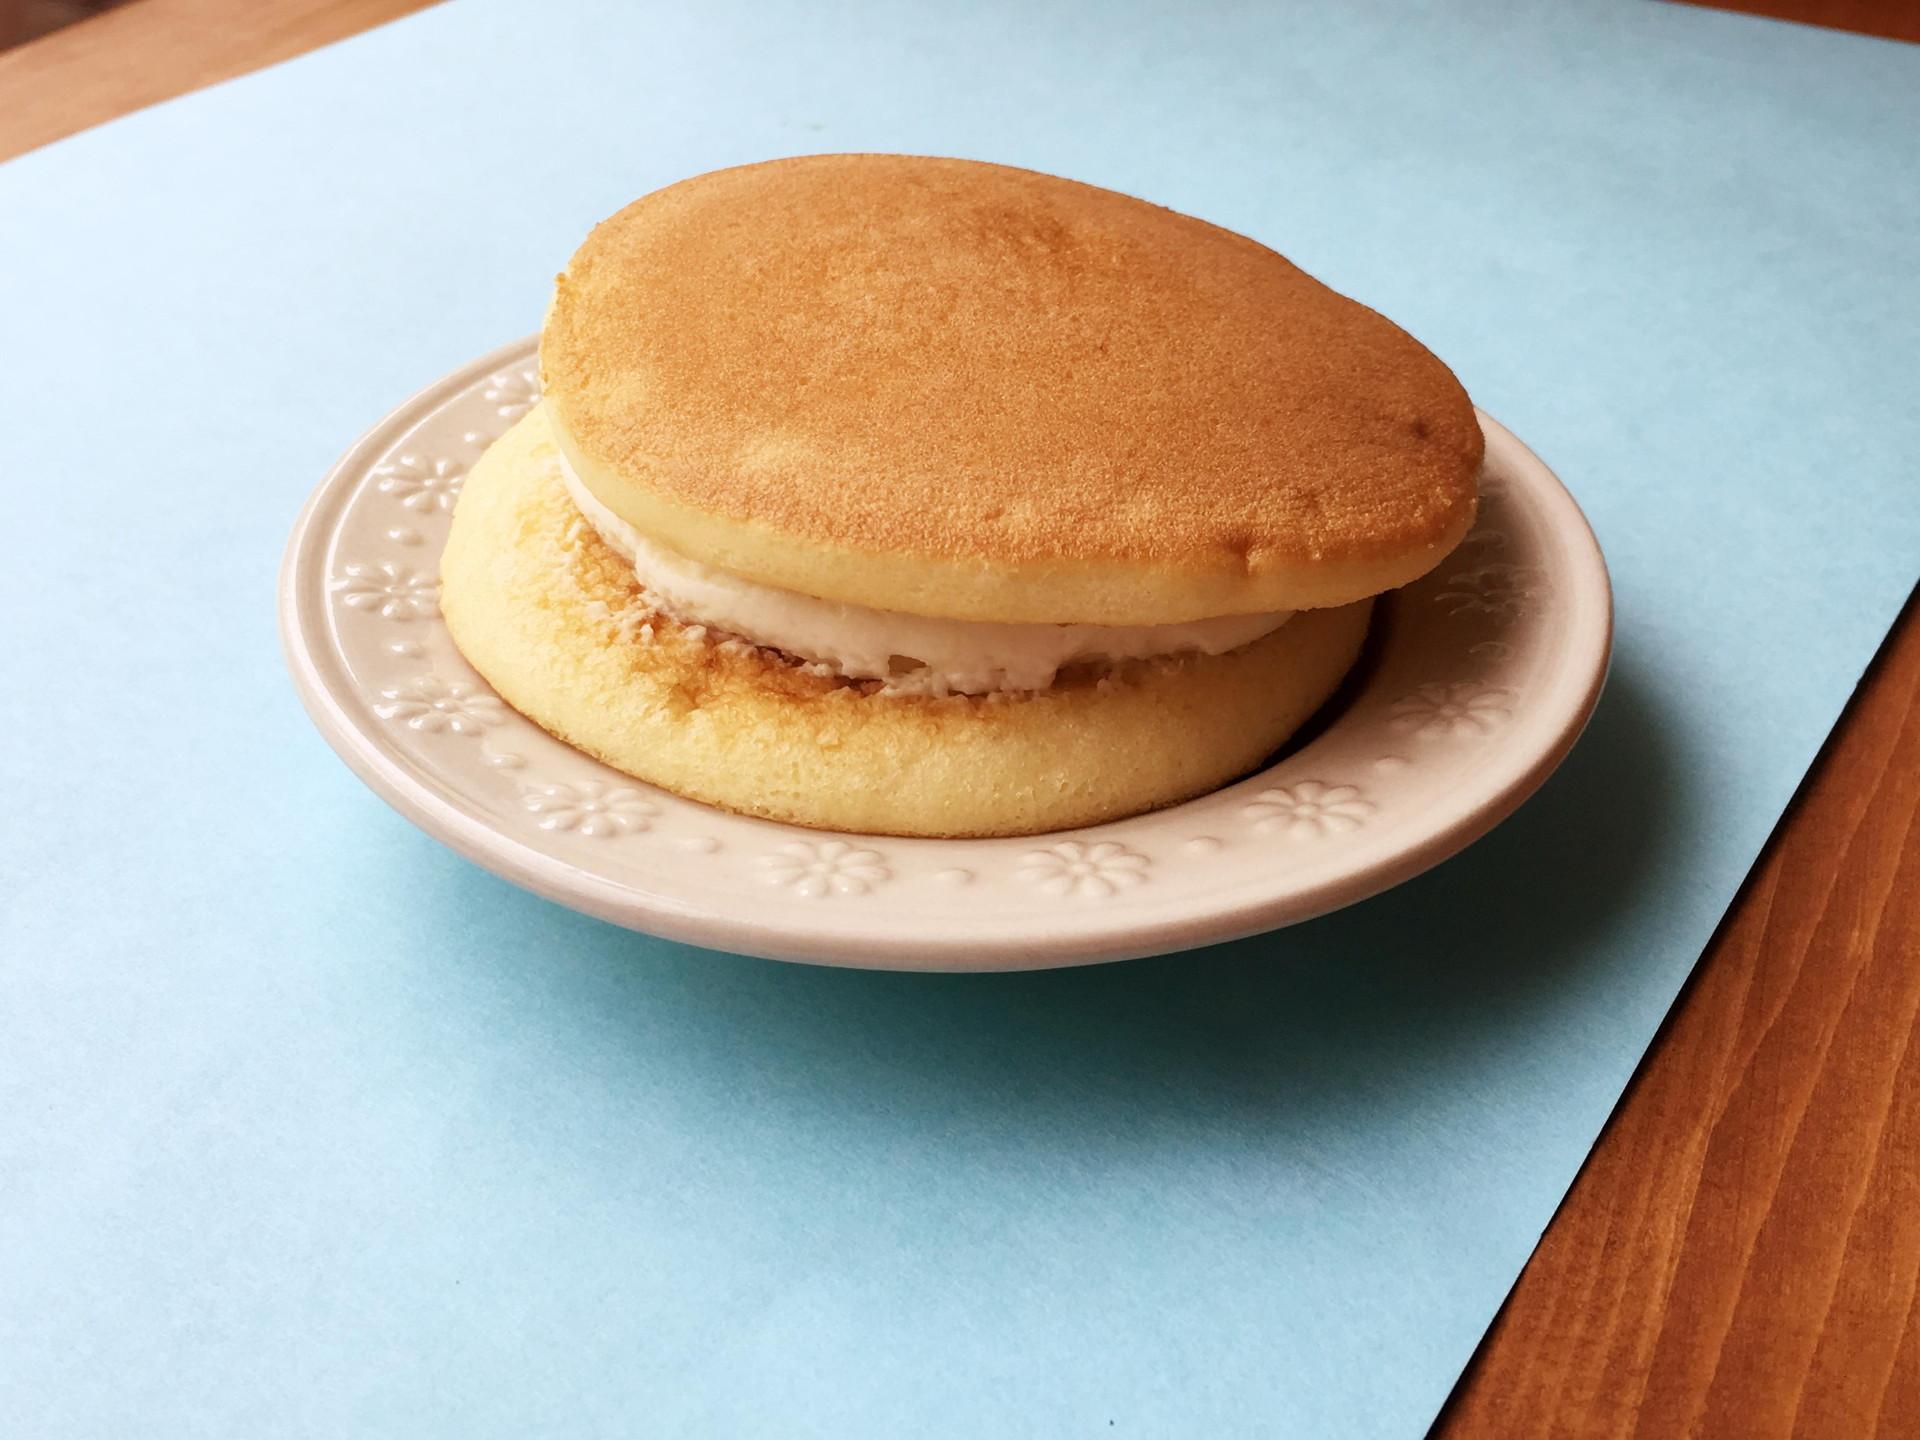 梅雨の今こそ食べたい♡実食レポ【セブン】パンケーキ レモン&レアチーズ